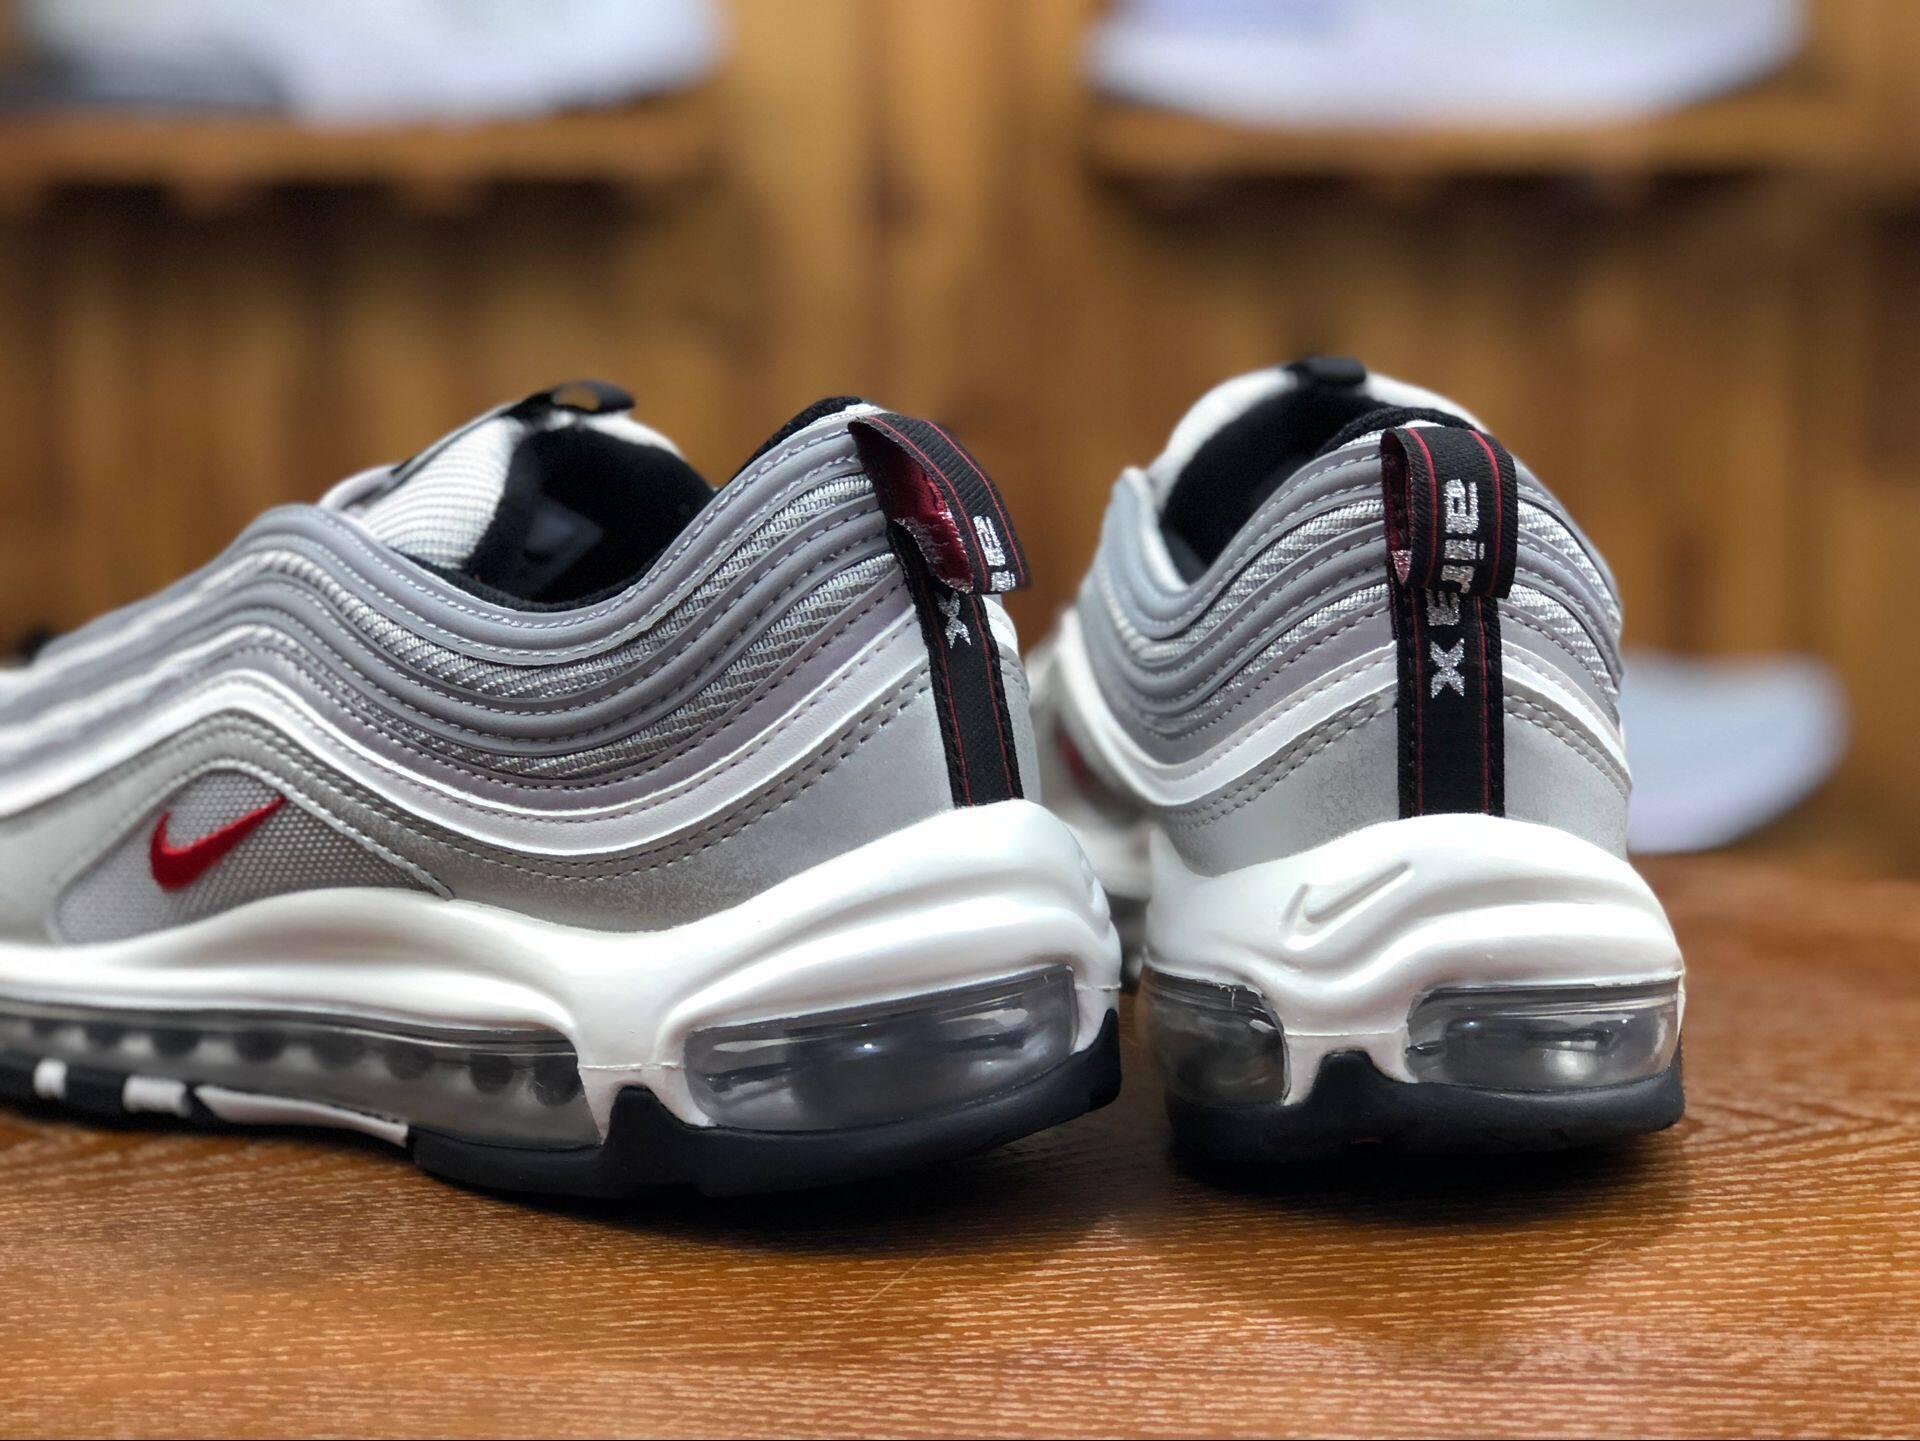 รีวิว 【อย่างเป็นทางการของแท้】วรรคเดียวกันในห้าง Nike Air Max 97 รองเท้ากีฬา รองเท้าผู้ชาย รองเท้าผู้หญิง รองเท้าลำลอง การทำให้หมาด ๆ รองเท้าตาข่าย เบาะลม รองเท้าวิ่ง 884421-001 ร้านค้าอย่างเป็นทางการ